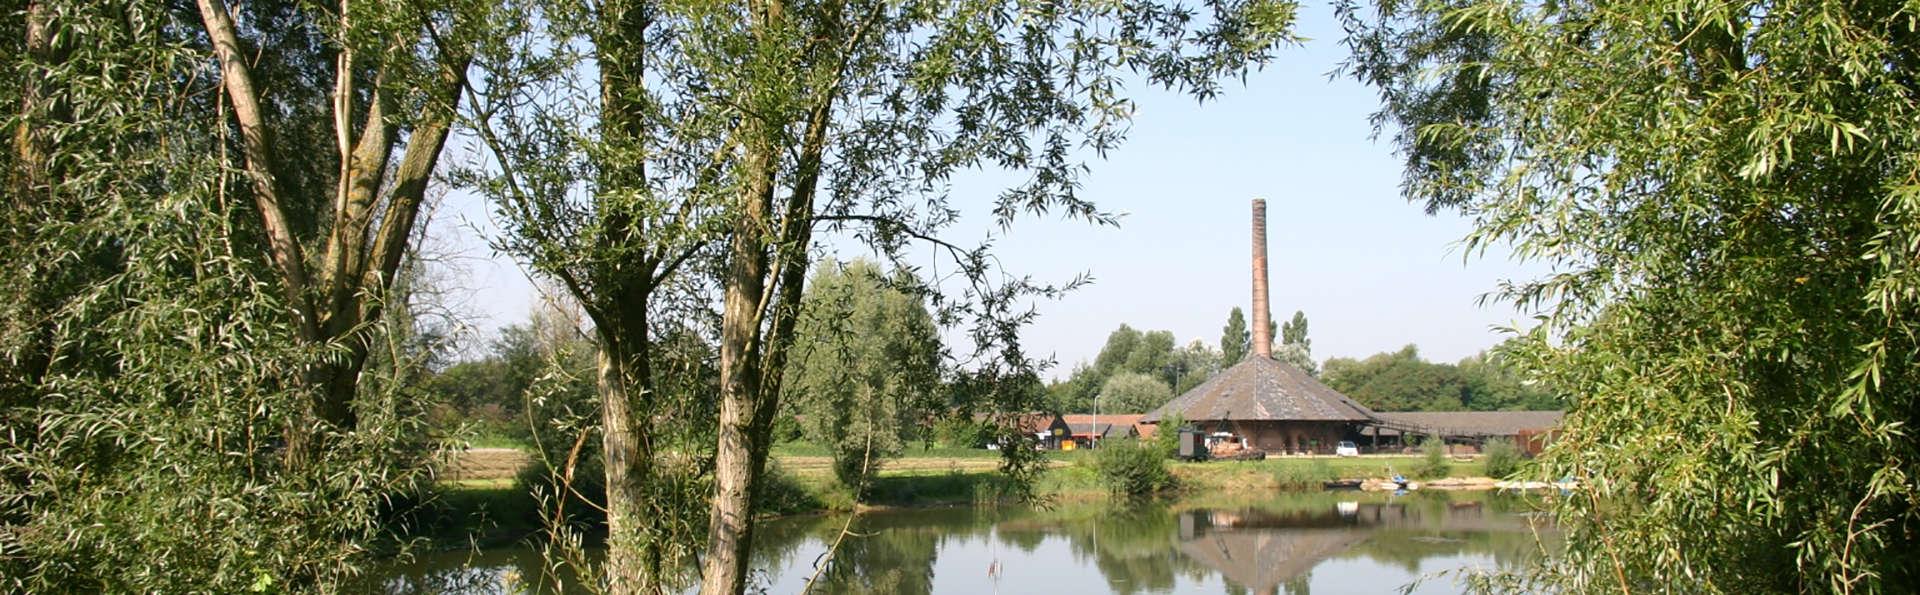 Séjour détente à Zevenaar, aux Pays-Bas